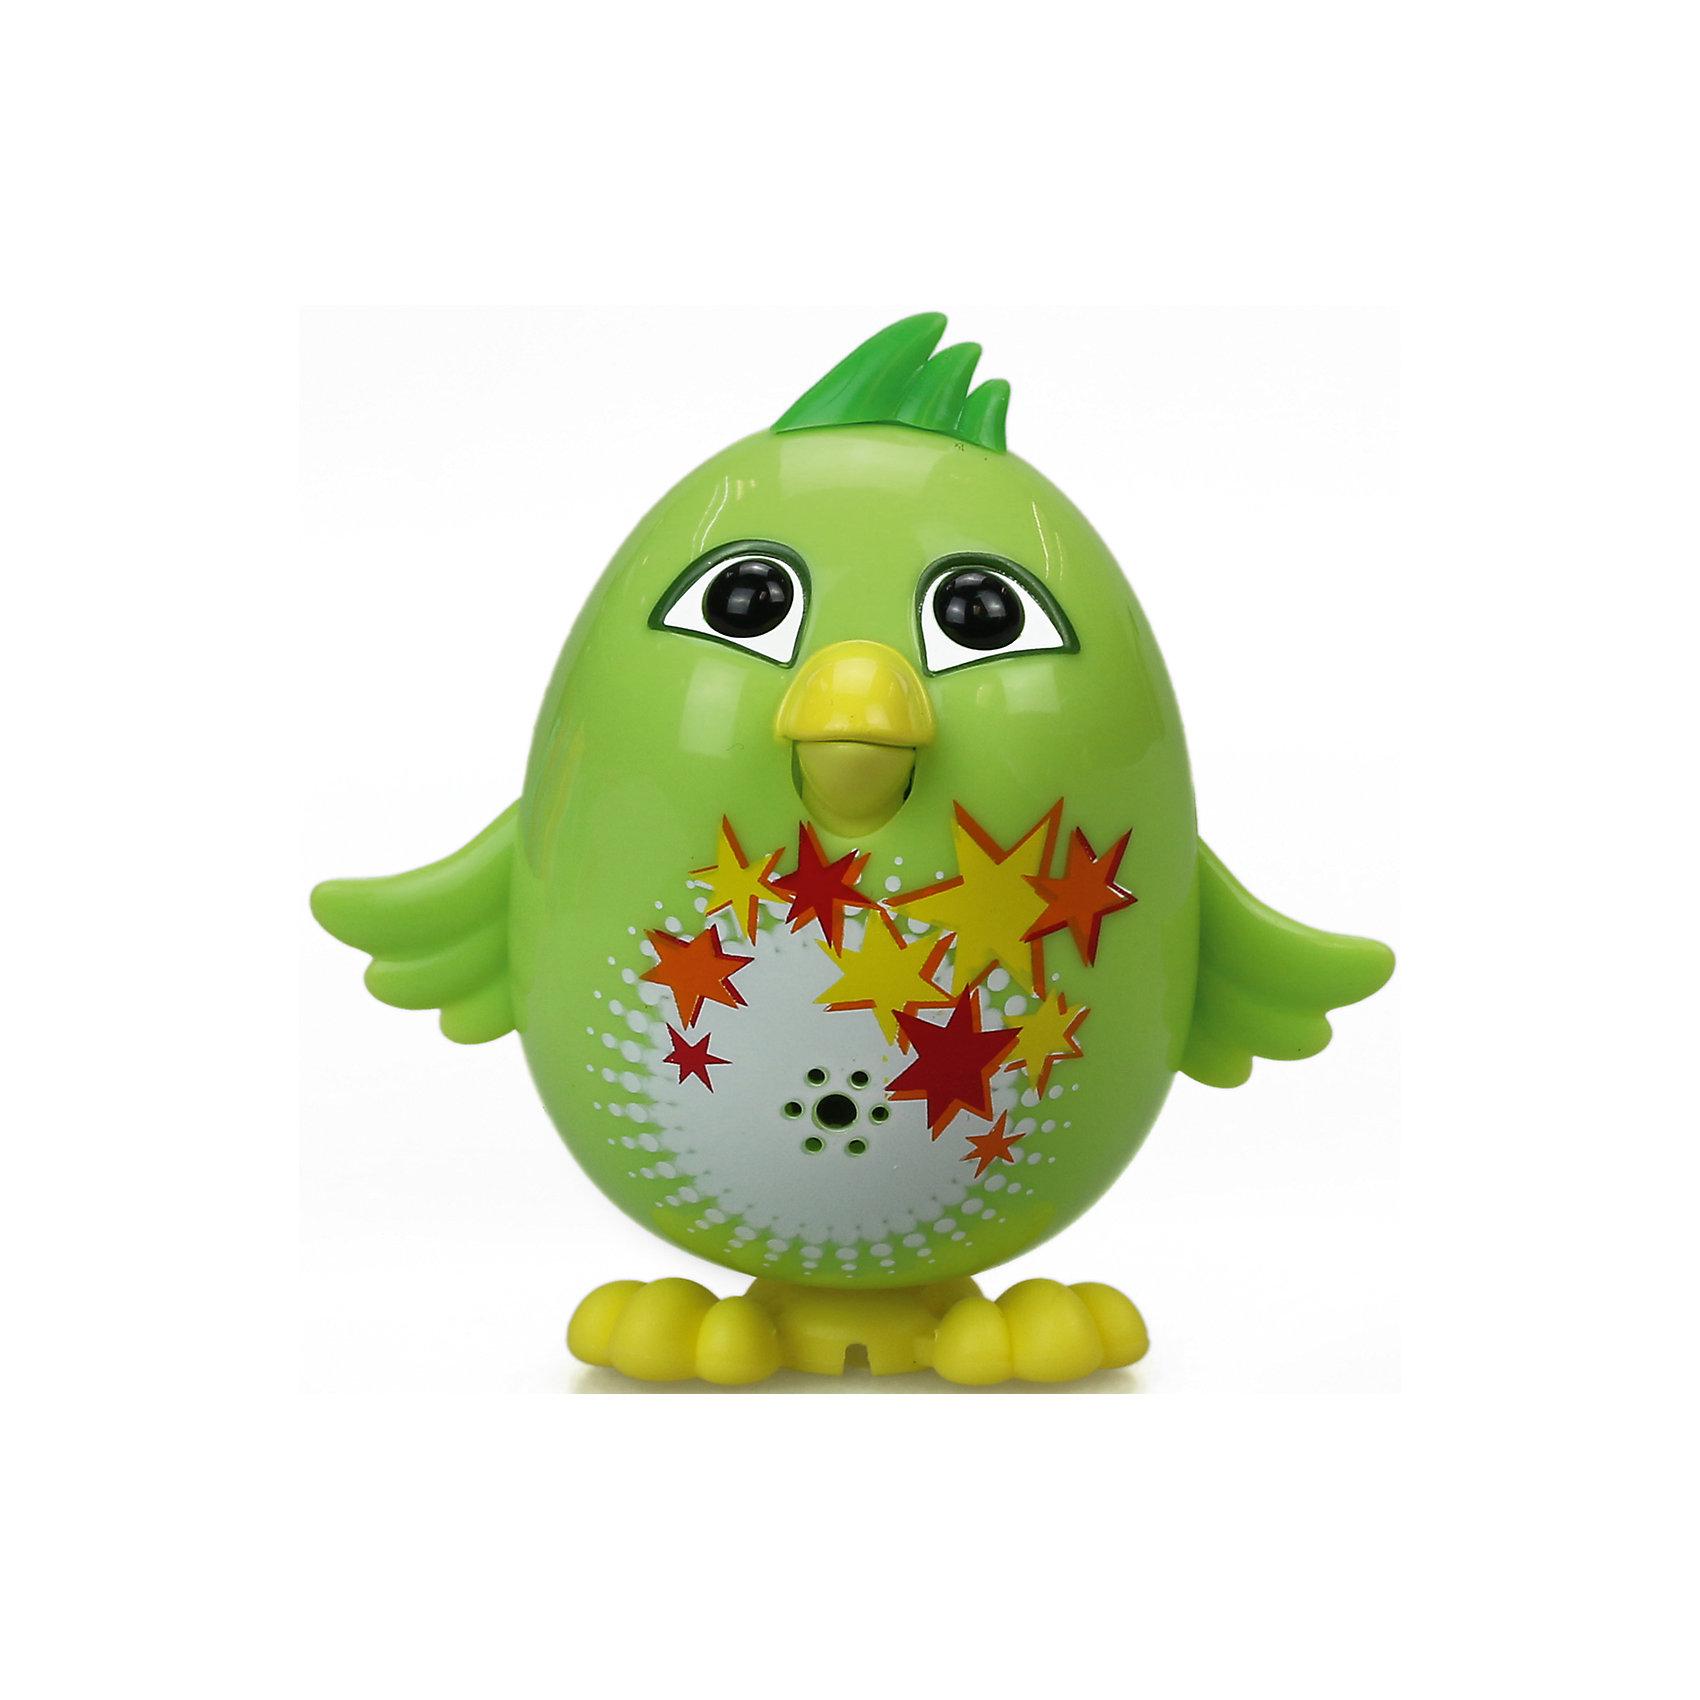 Цыпленок с кольцом Fluff, зеленый, DigiBirds